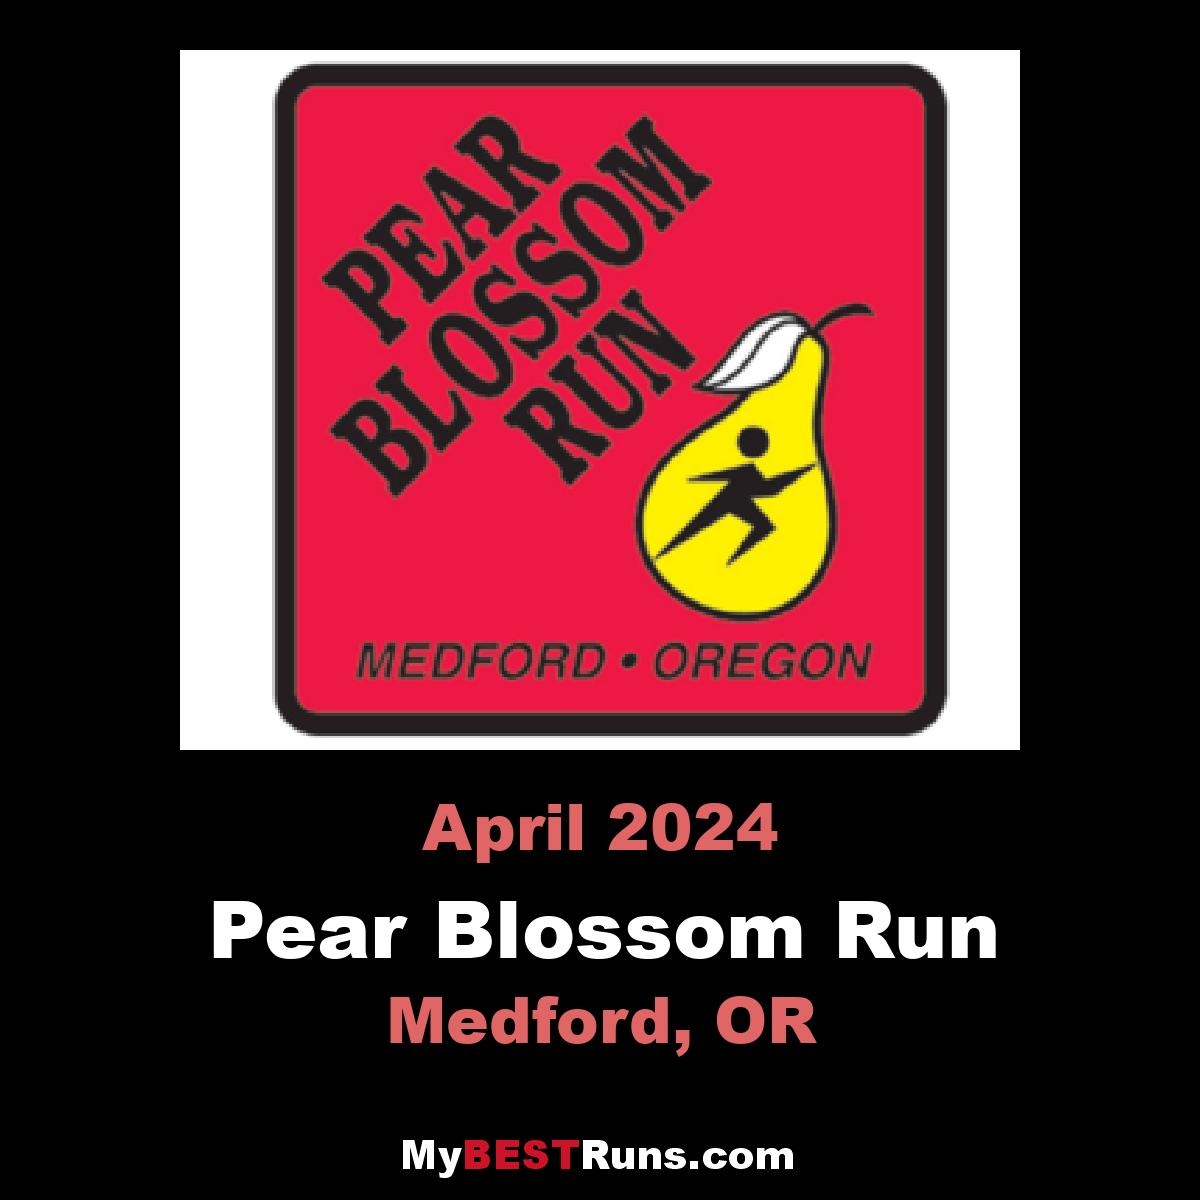 Pear Blossom Run